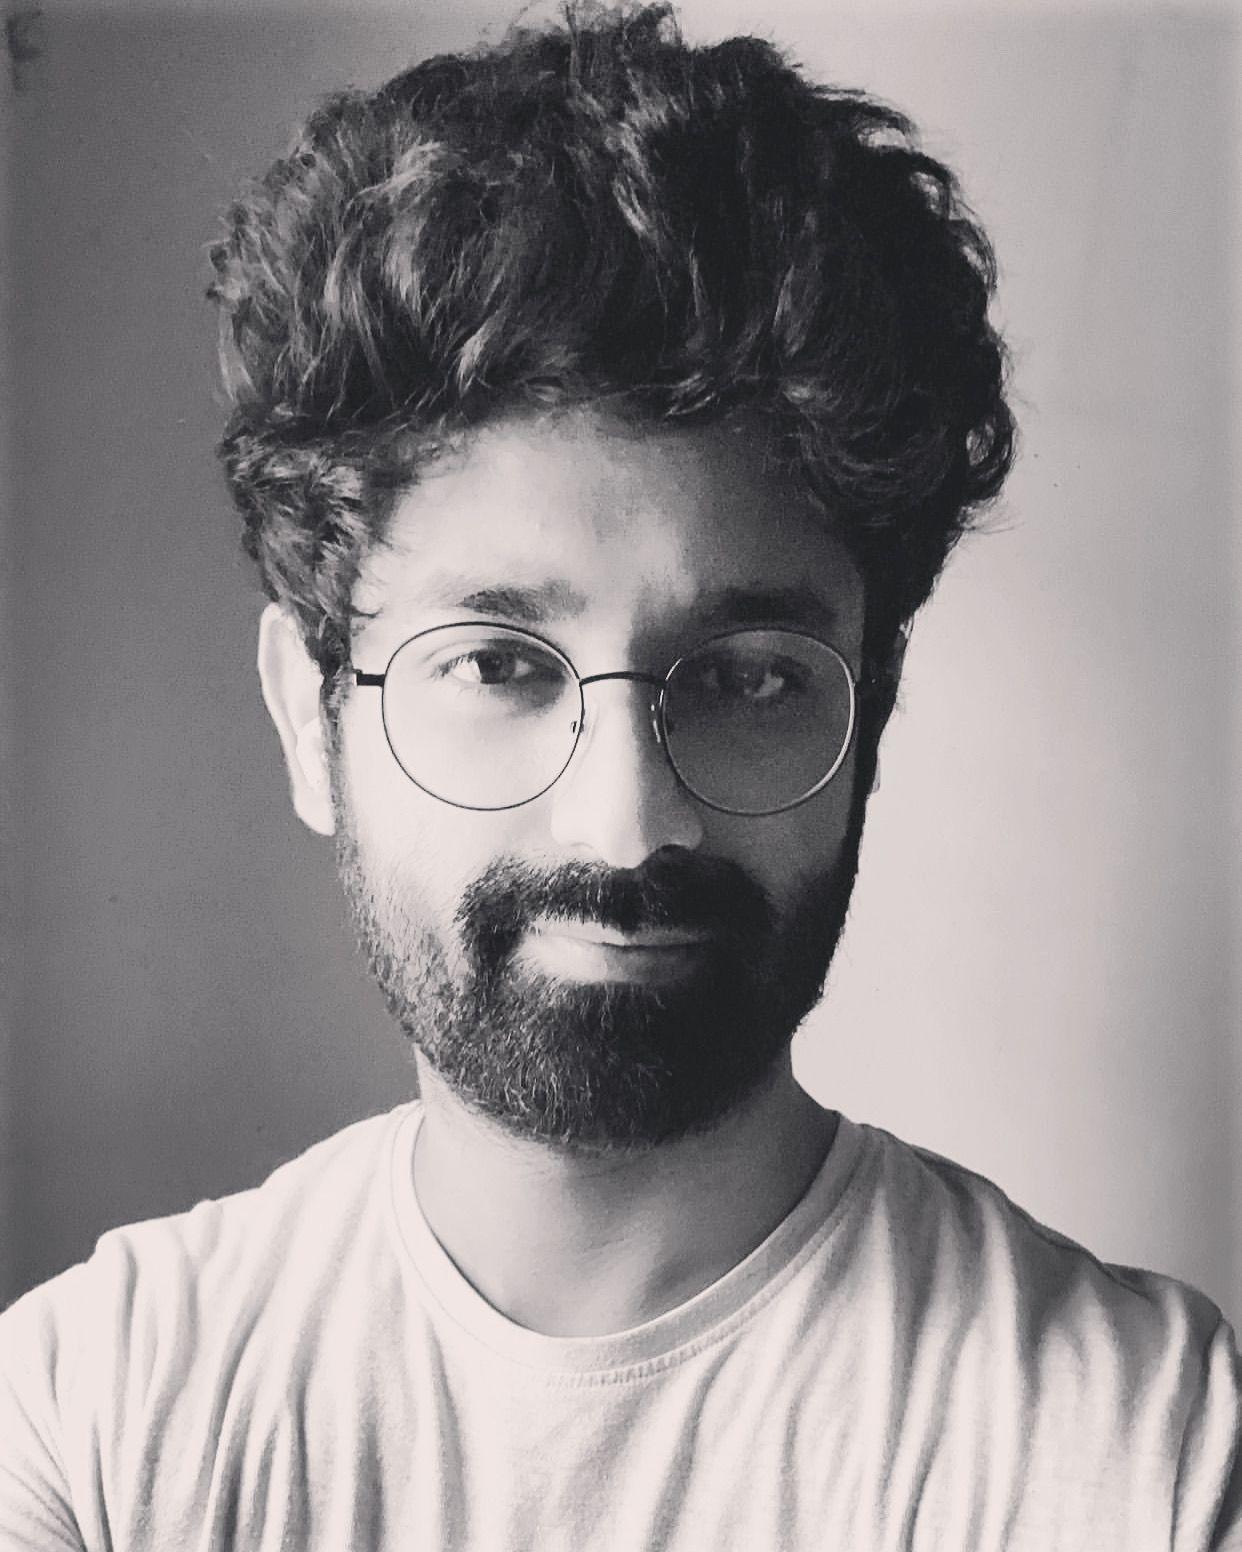 Vaibhav Bhasin